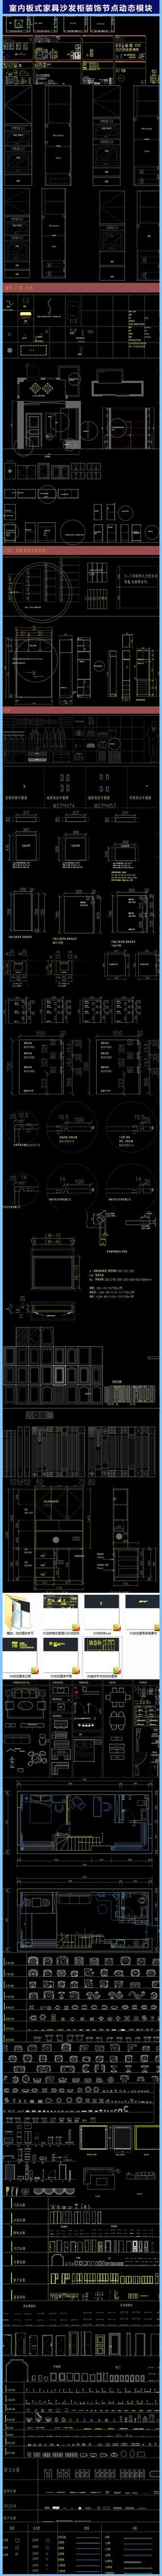 室内板式家具沙发柜装饰节点动态模块cad